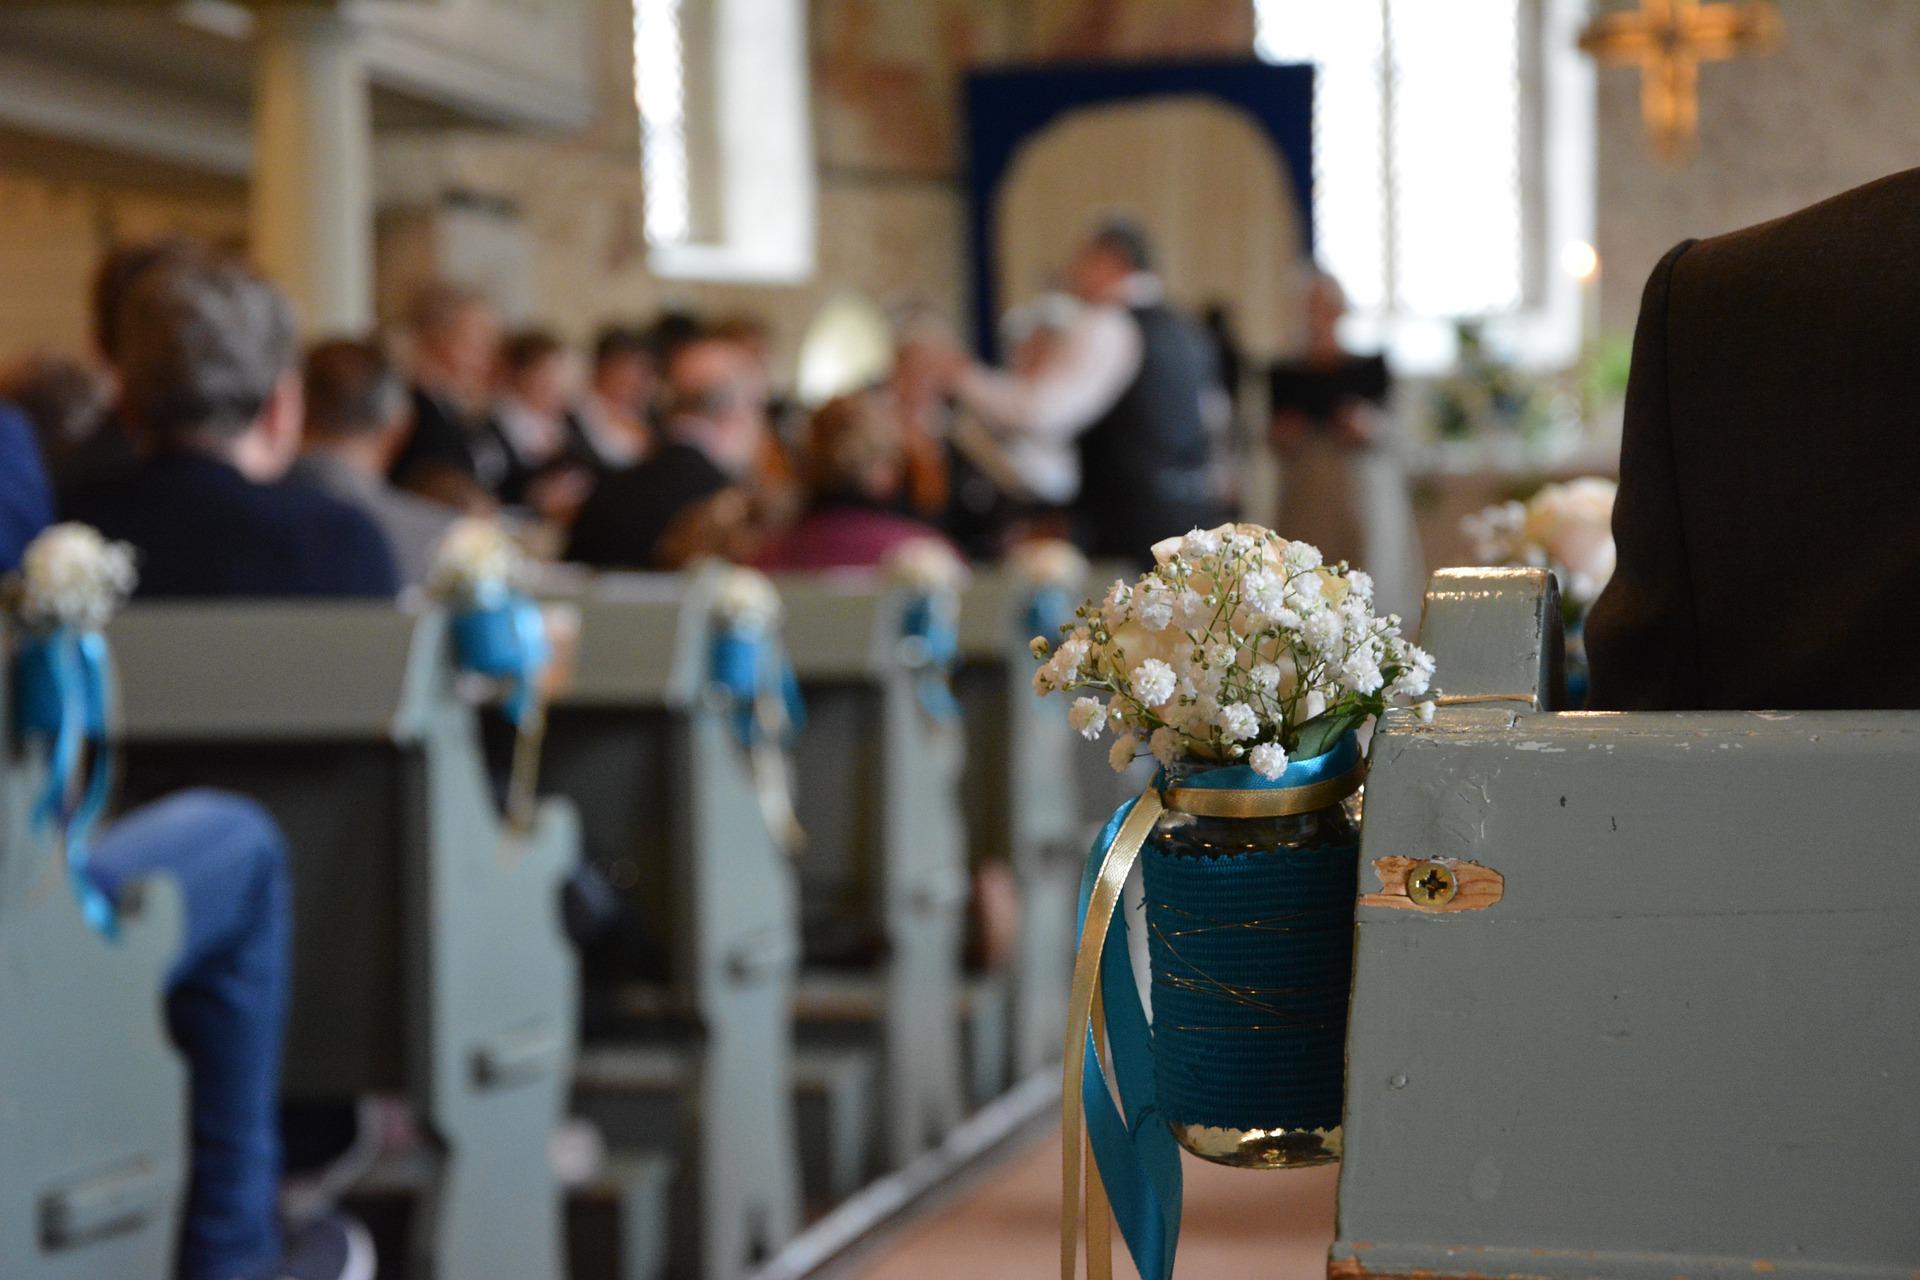 Niemowlak musi być wliczony do limitu gości weselnych - Zdjęcie główne